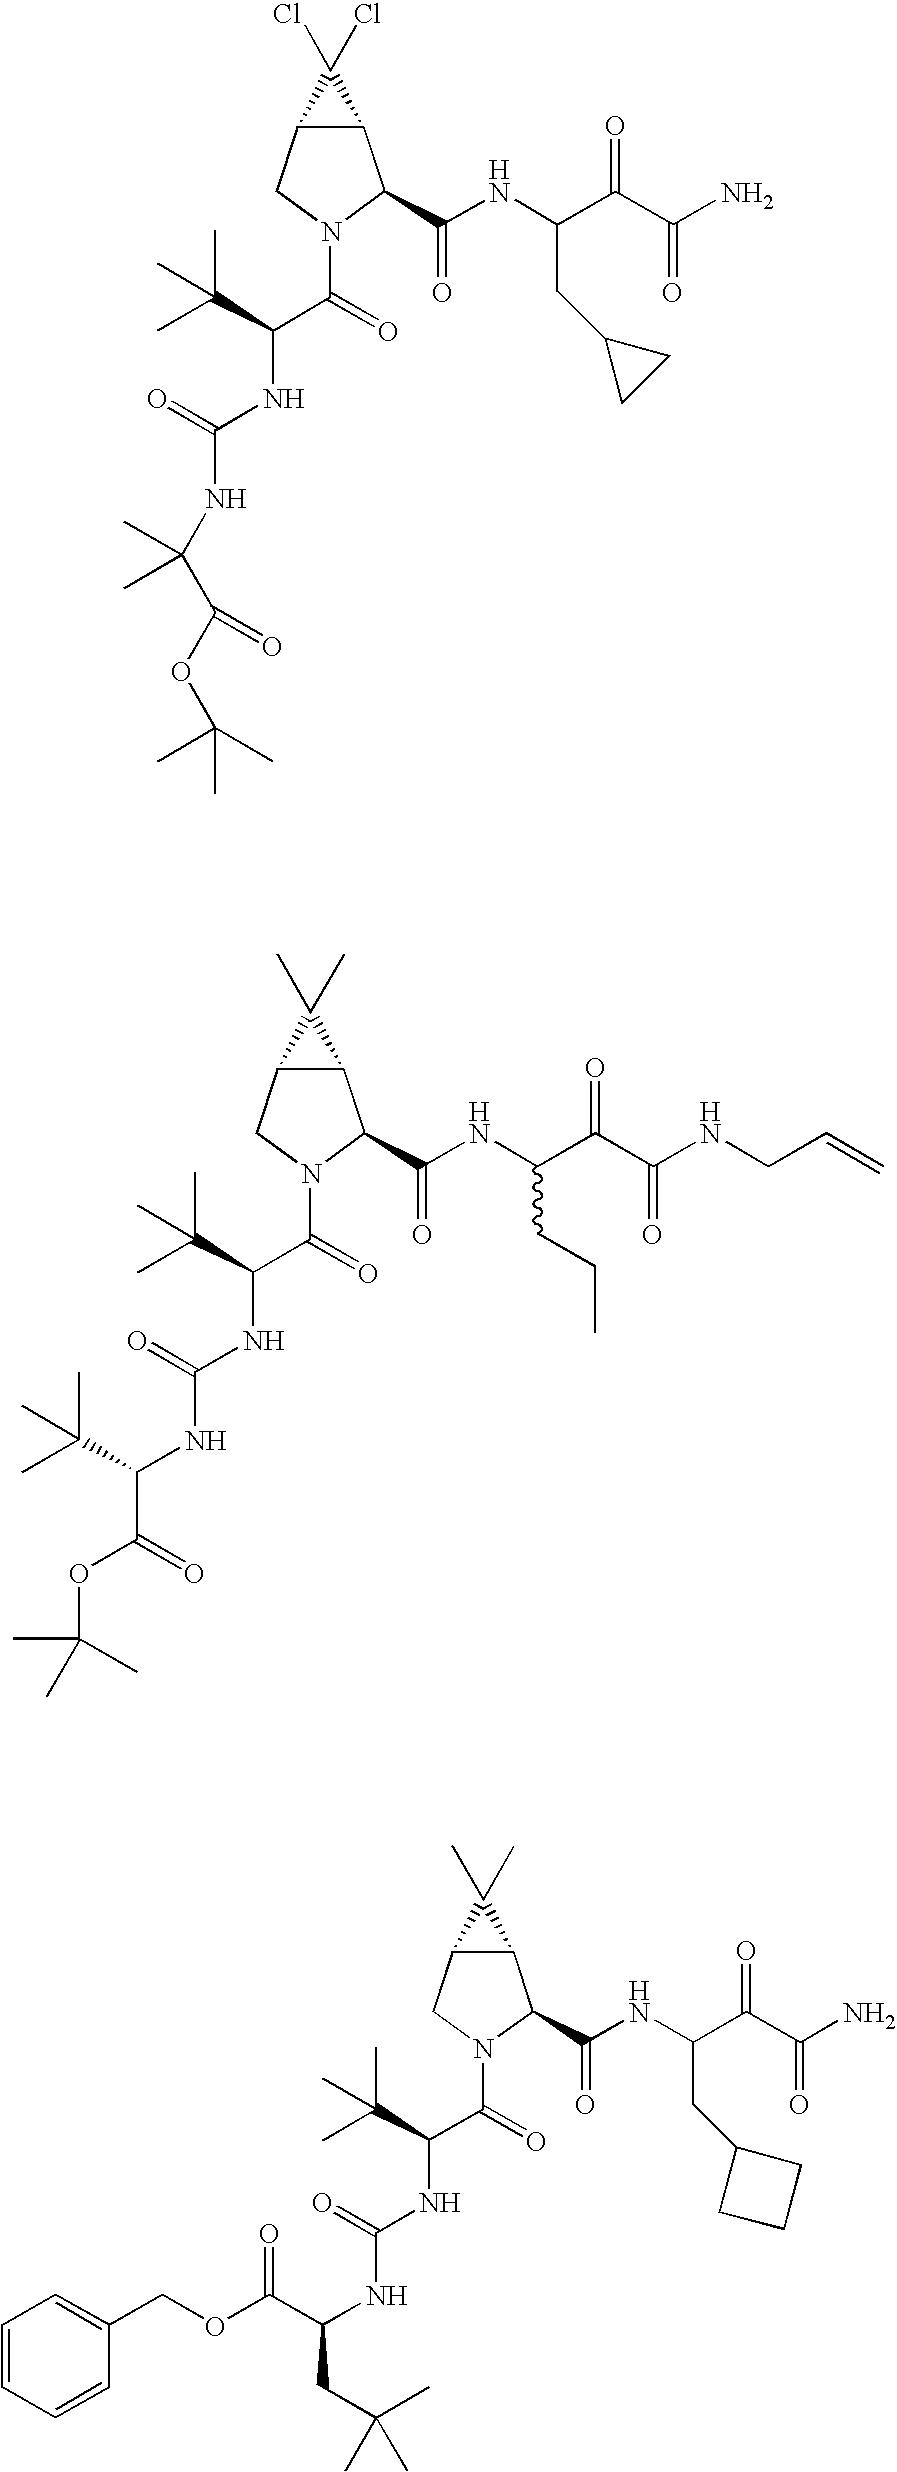 Figure US20060287248A1-20061221-C00283